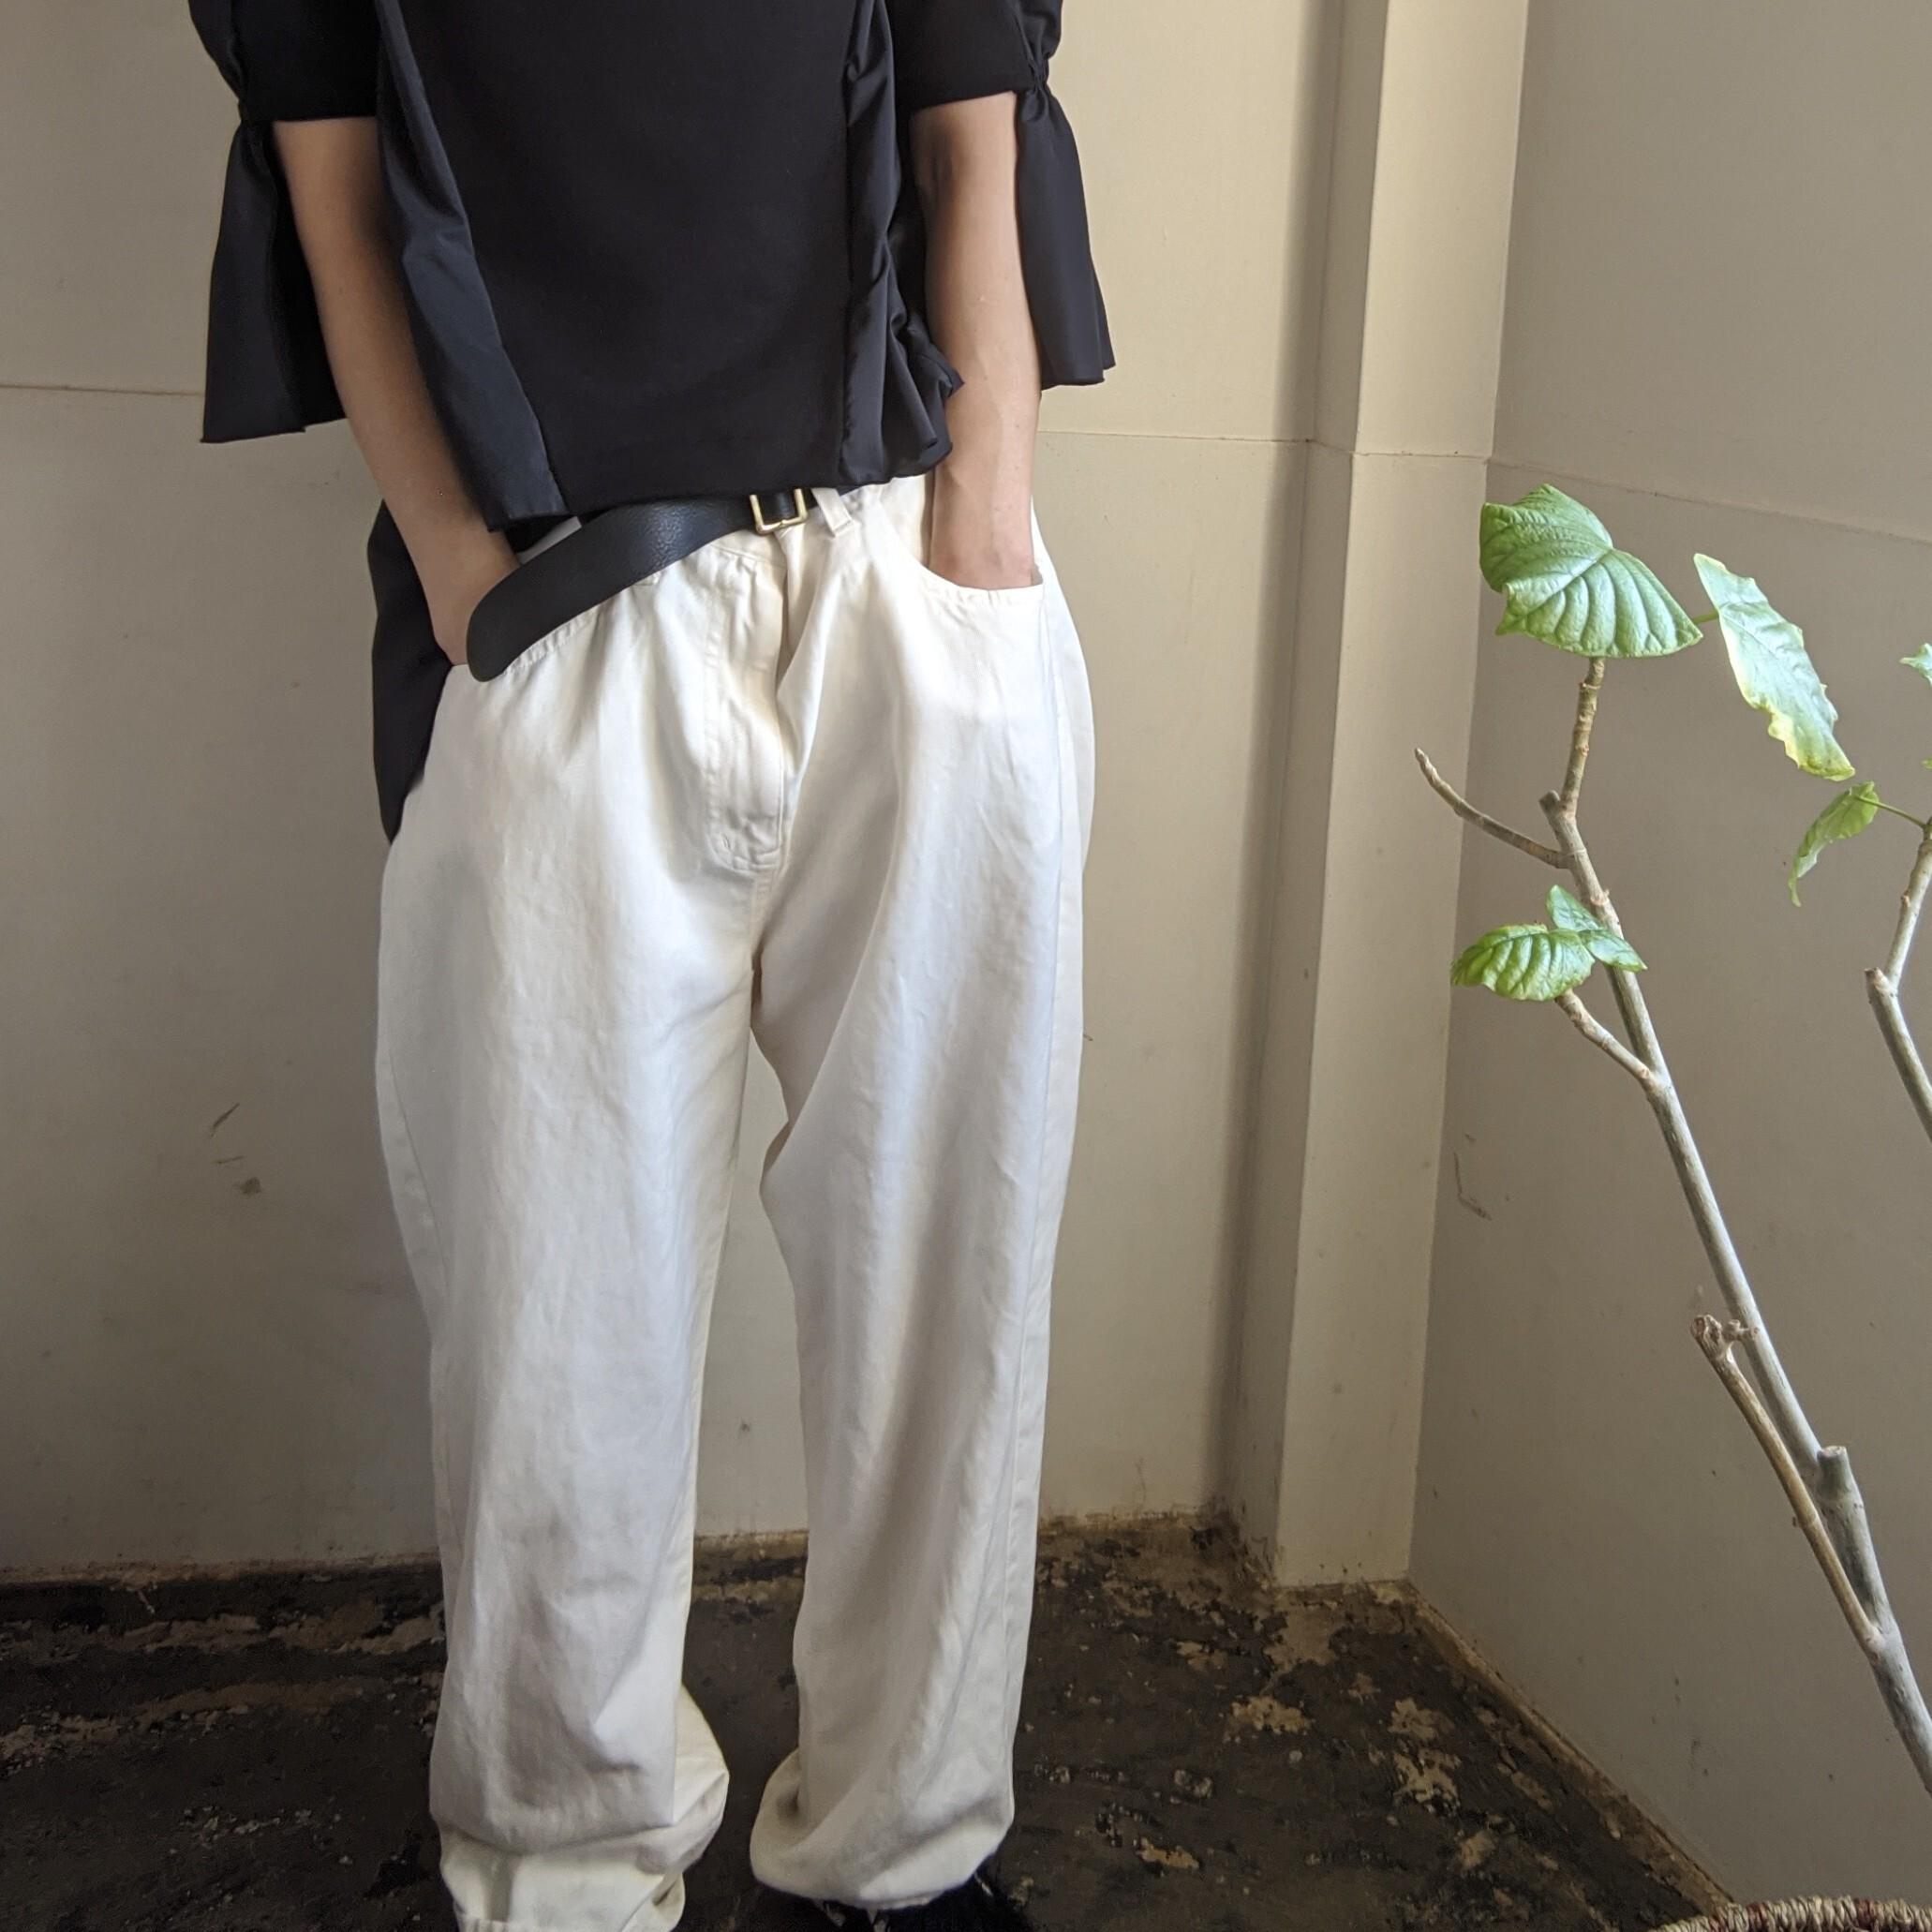 【 1 001 】イチゼロゼロイチ WASHED 5POCKET PANTS / white38 オーバーサイズパンツ